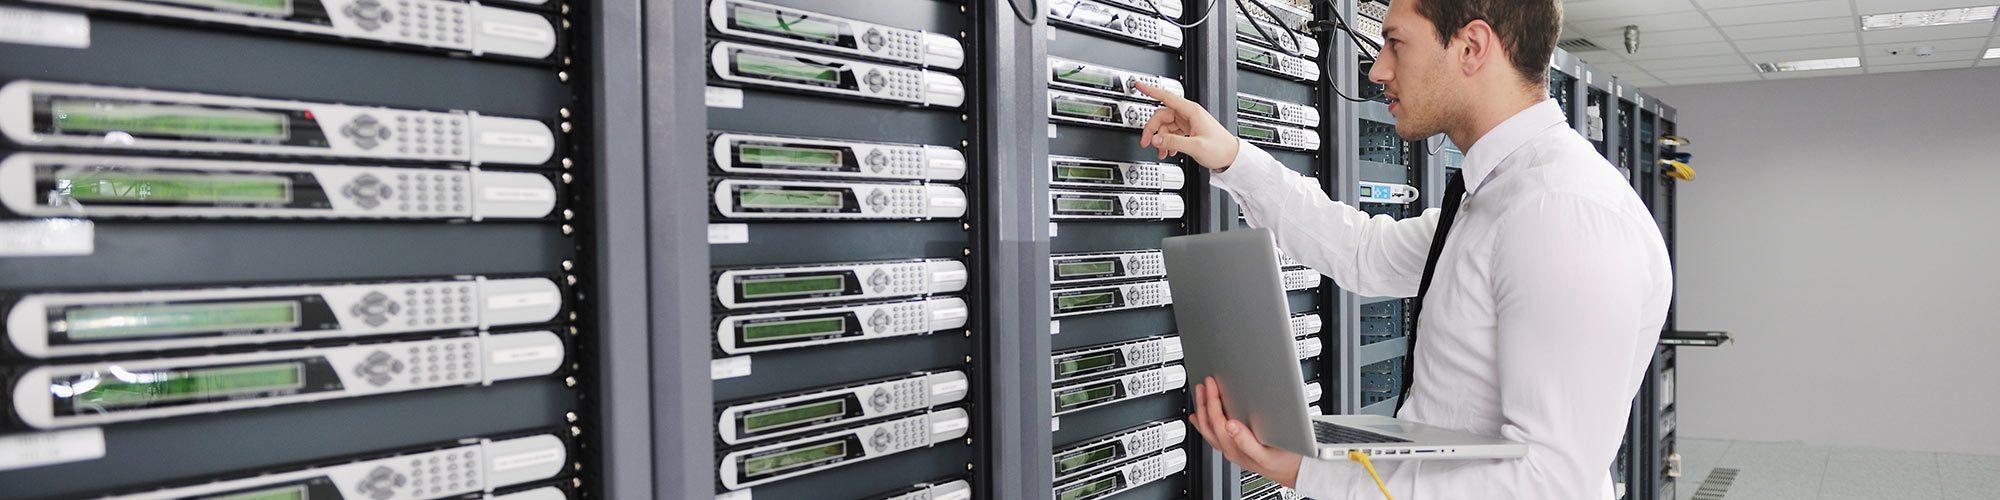 服务器和跟踪监视